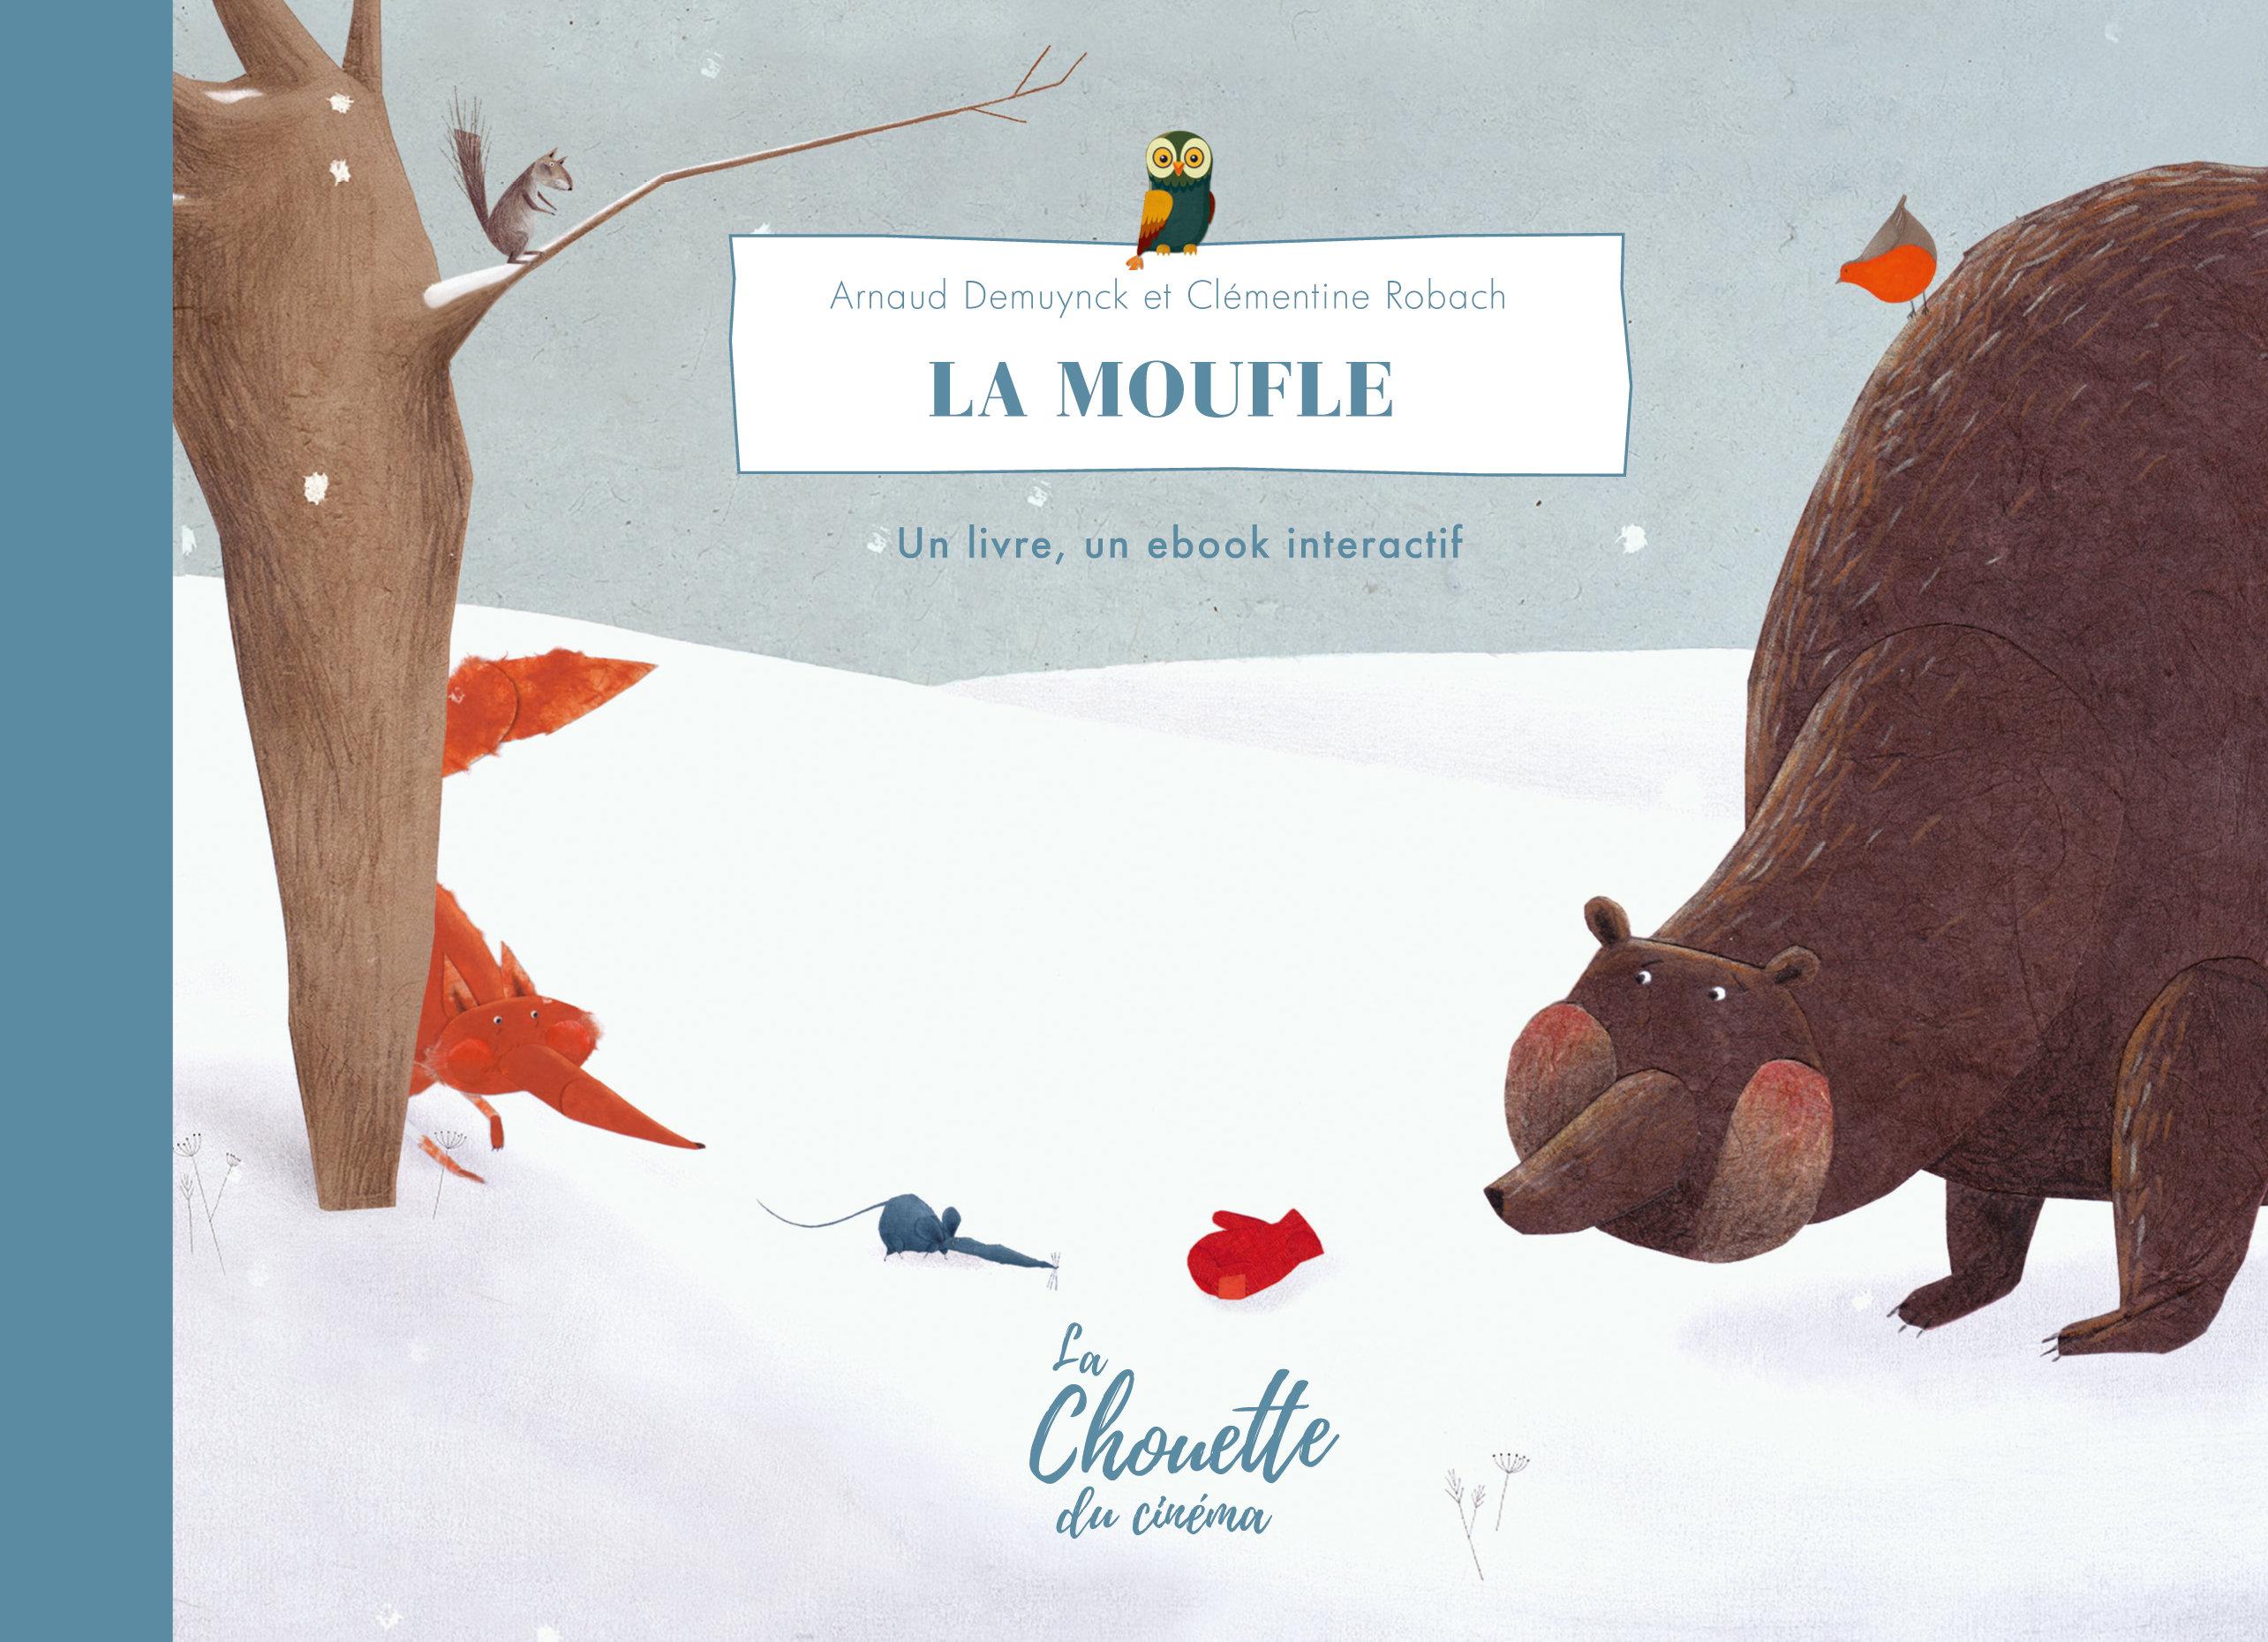 SB160132-Apprimeurs-LaMoufle-Vaks-RasterProof